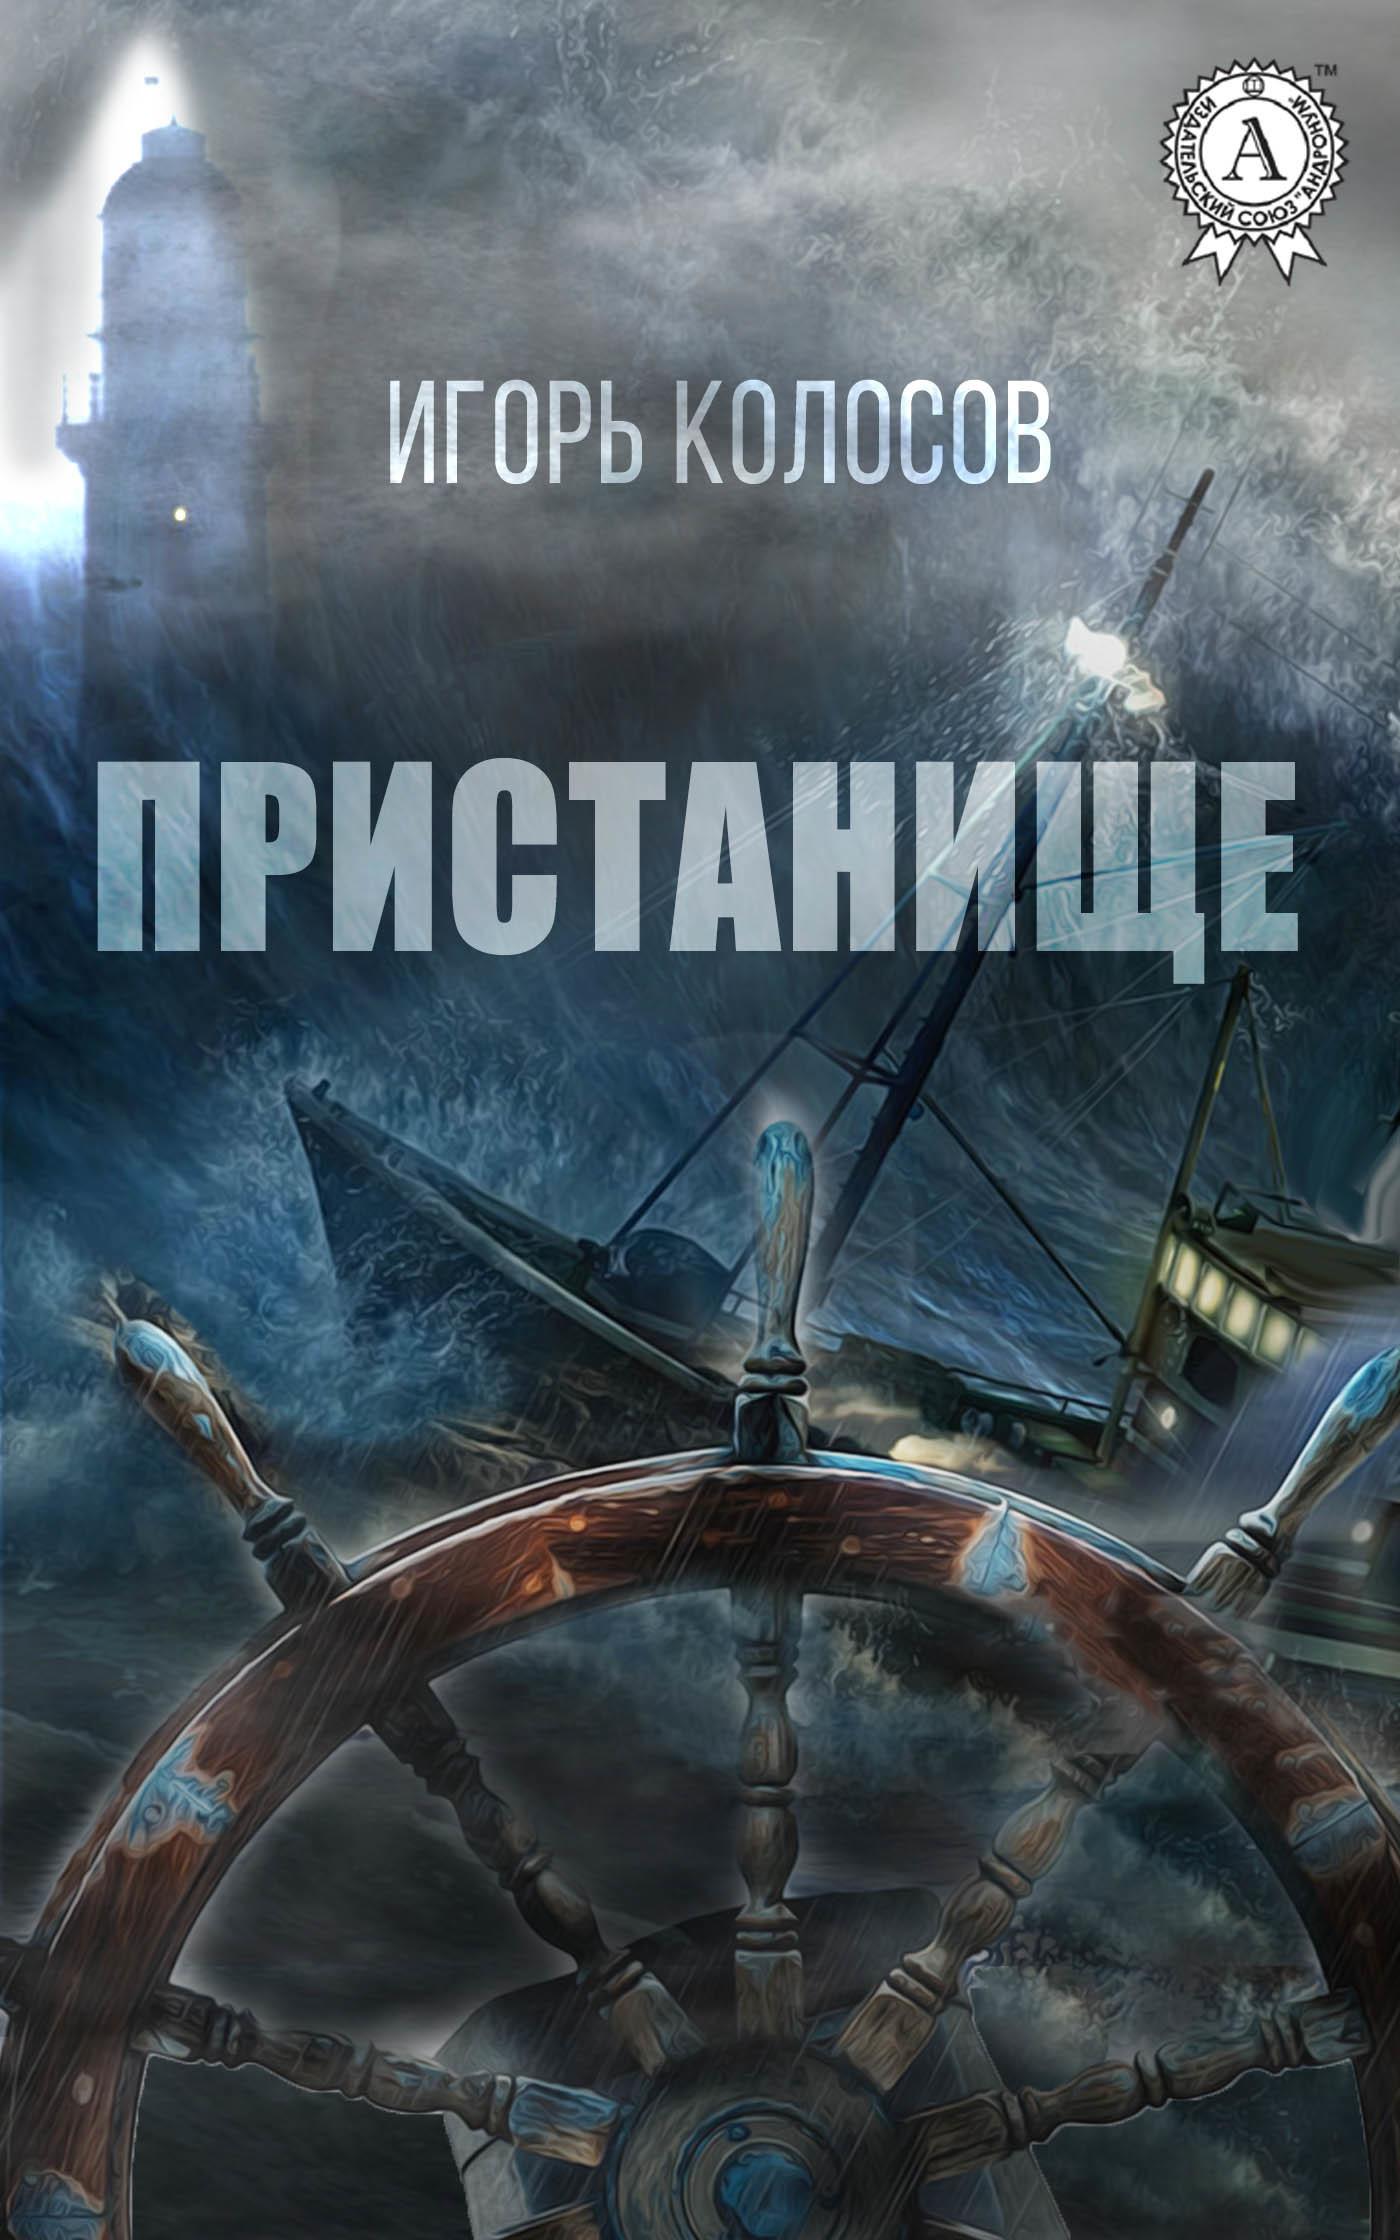 Игорь Колосов Пристанище мерридит а оставшийся в живых путь к сатане